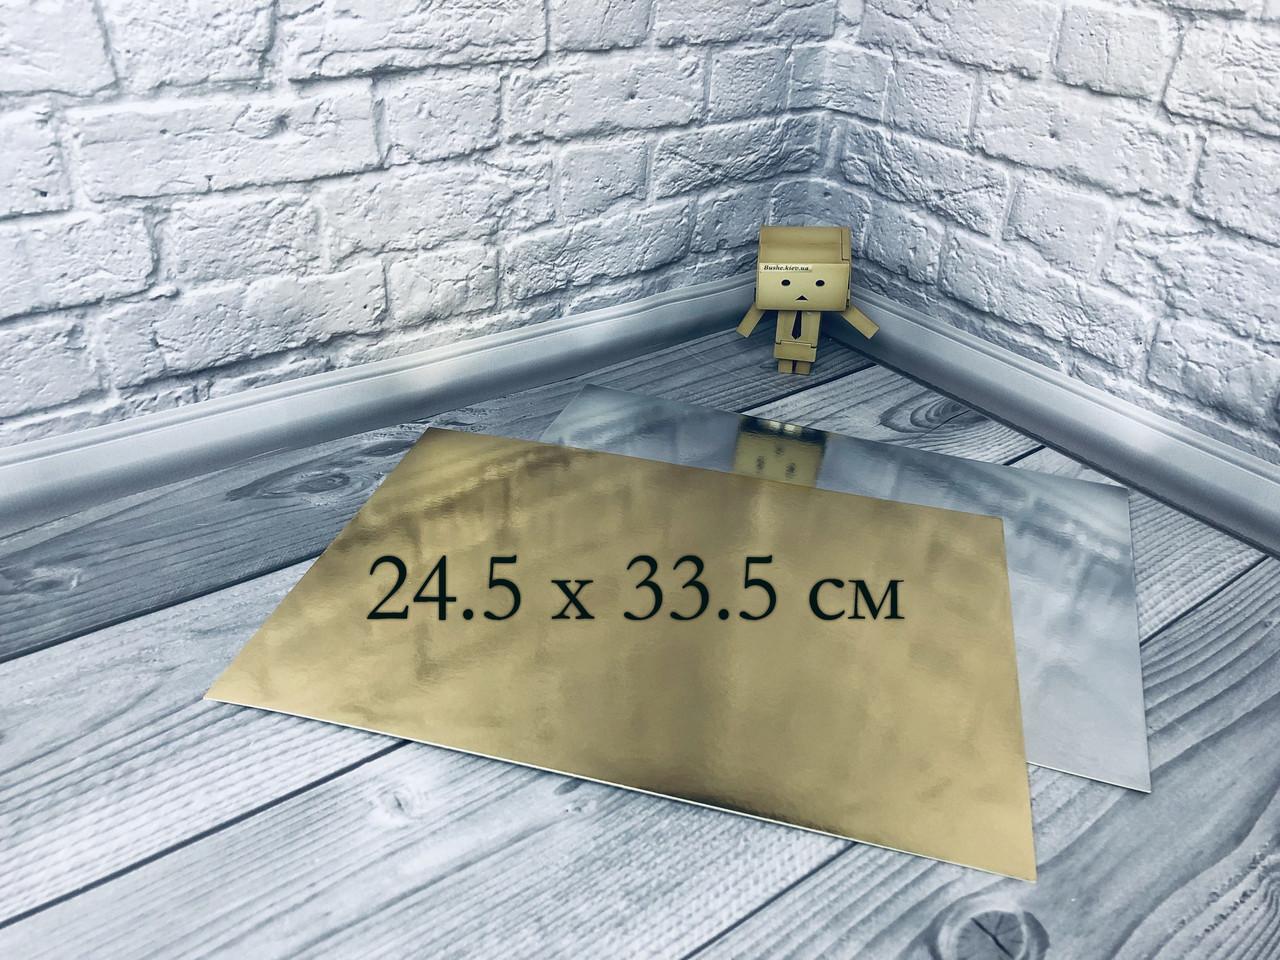 *10 шт* / Подложка под торт 24.5х33.5см Золото-серебро 245х335мм/мин. 10 шт.